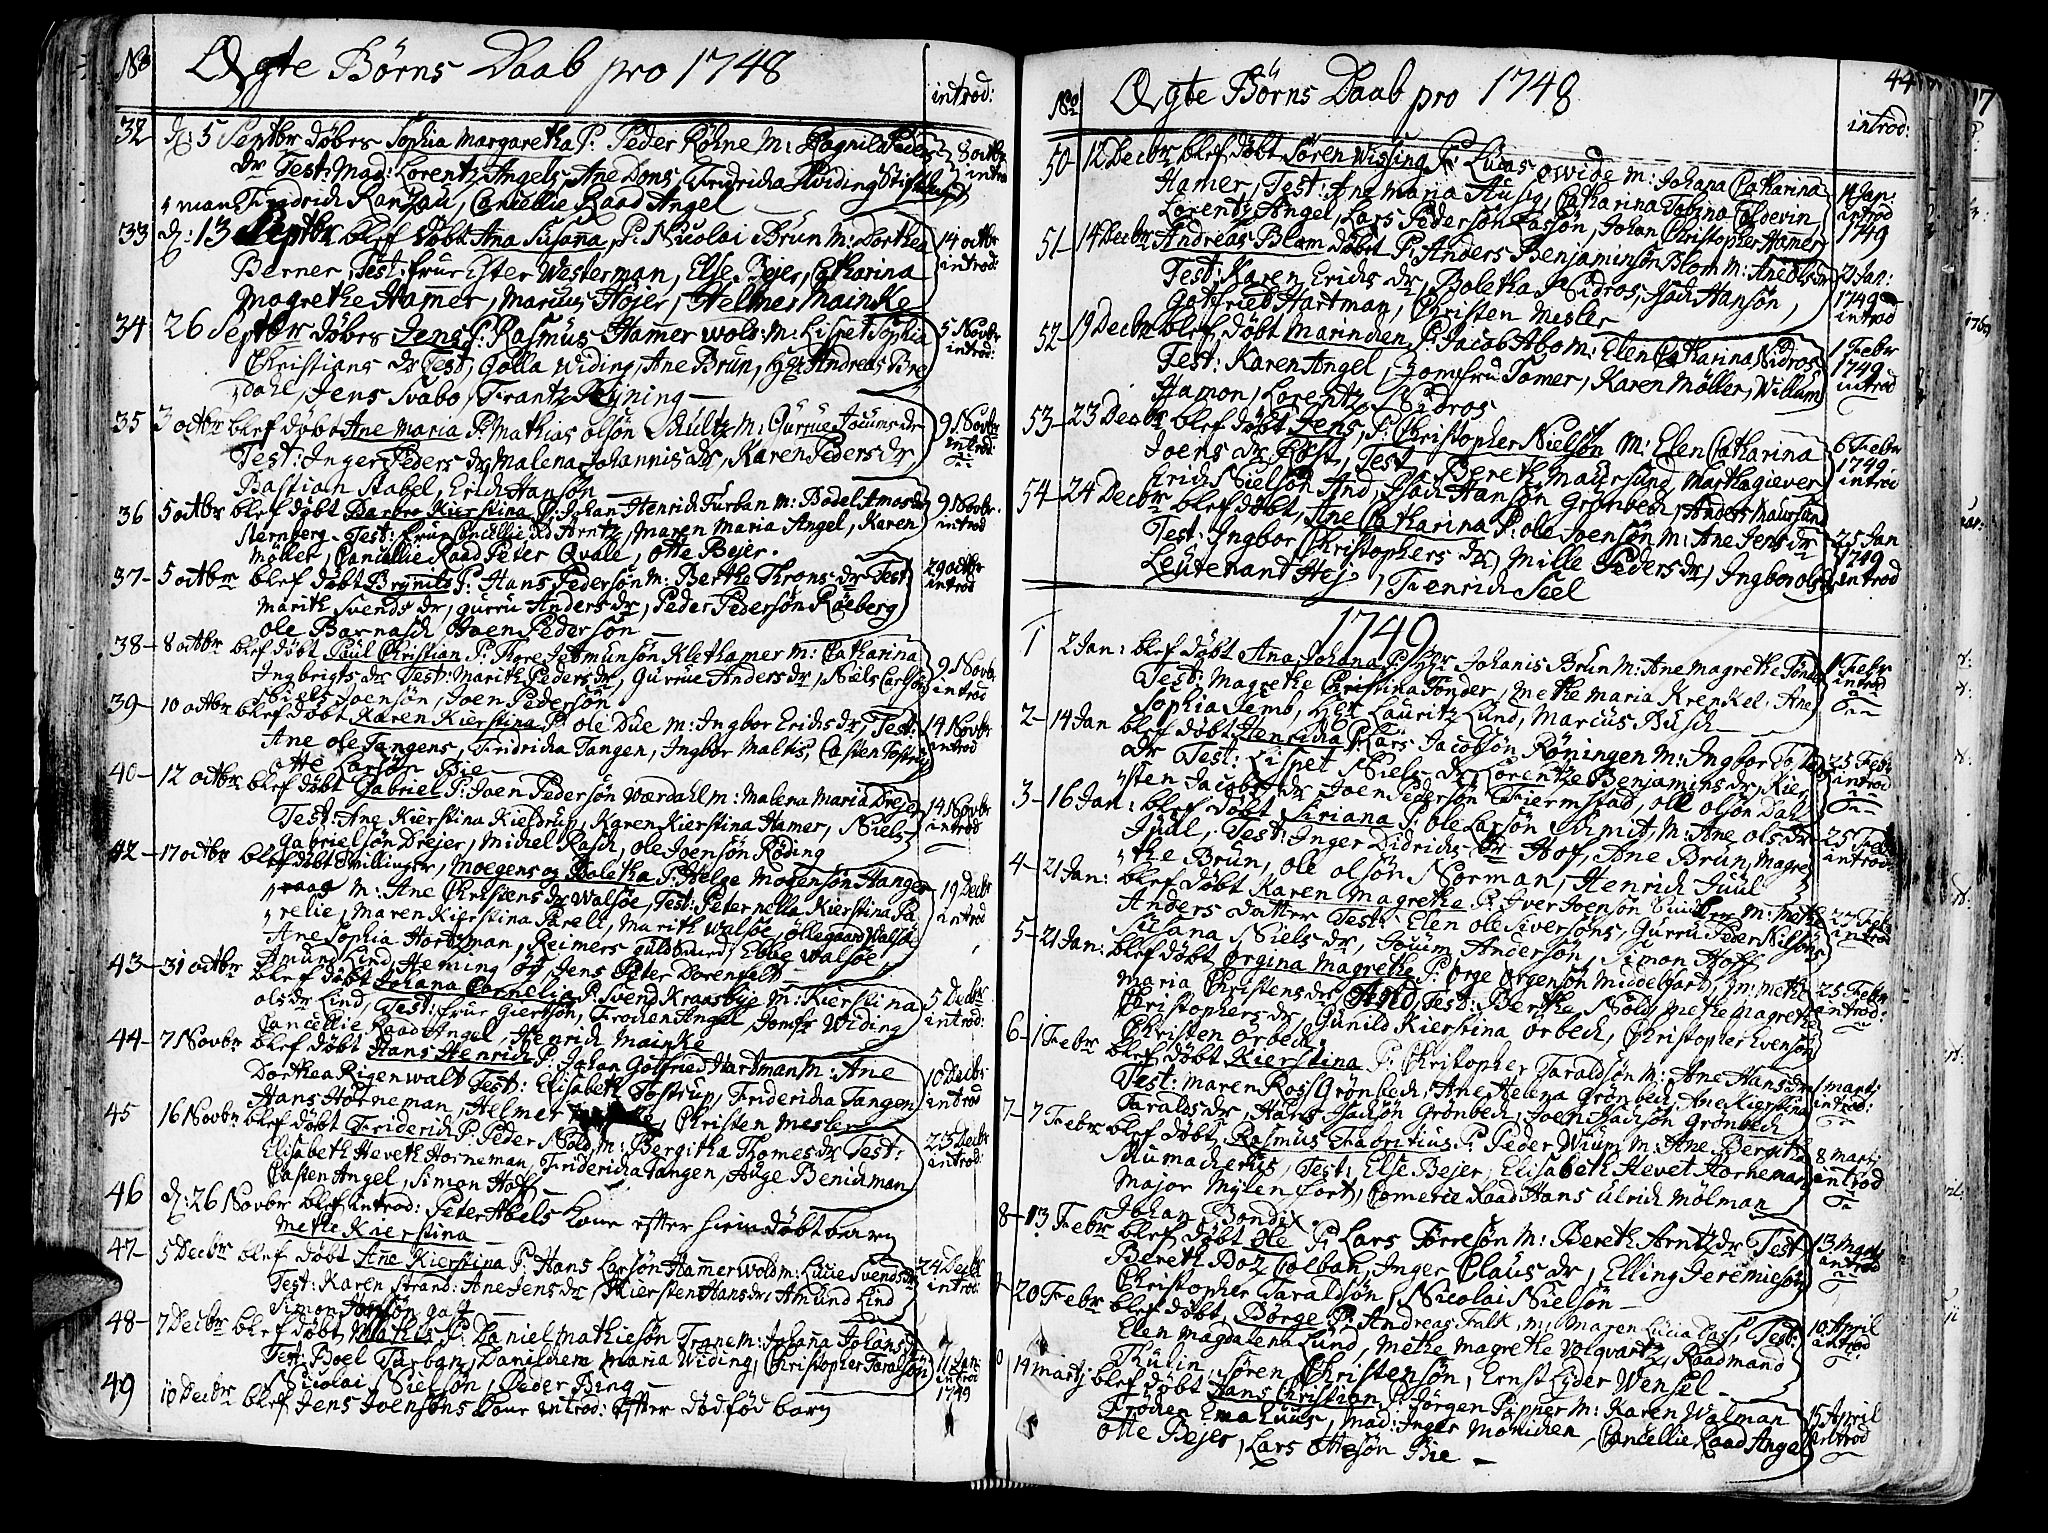 SAT, Ministerialprotokoller, klokkerbøker og fødselsregistre - Sør-Trøndelag, 602/L0103: Ministerialbok nr. 602A01, 1732-1774, s. 44